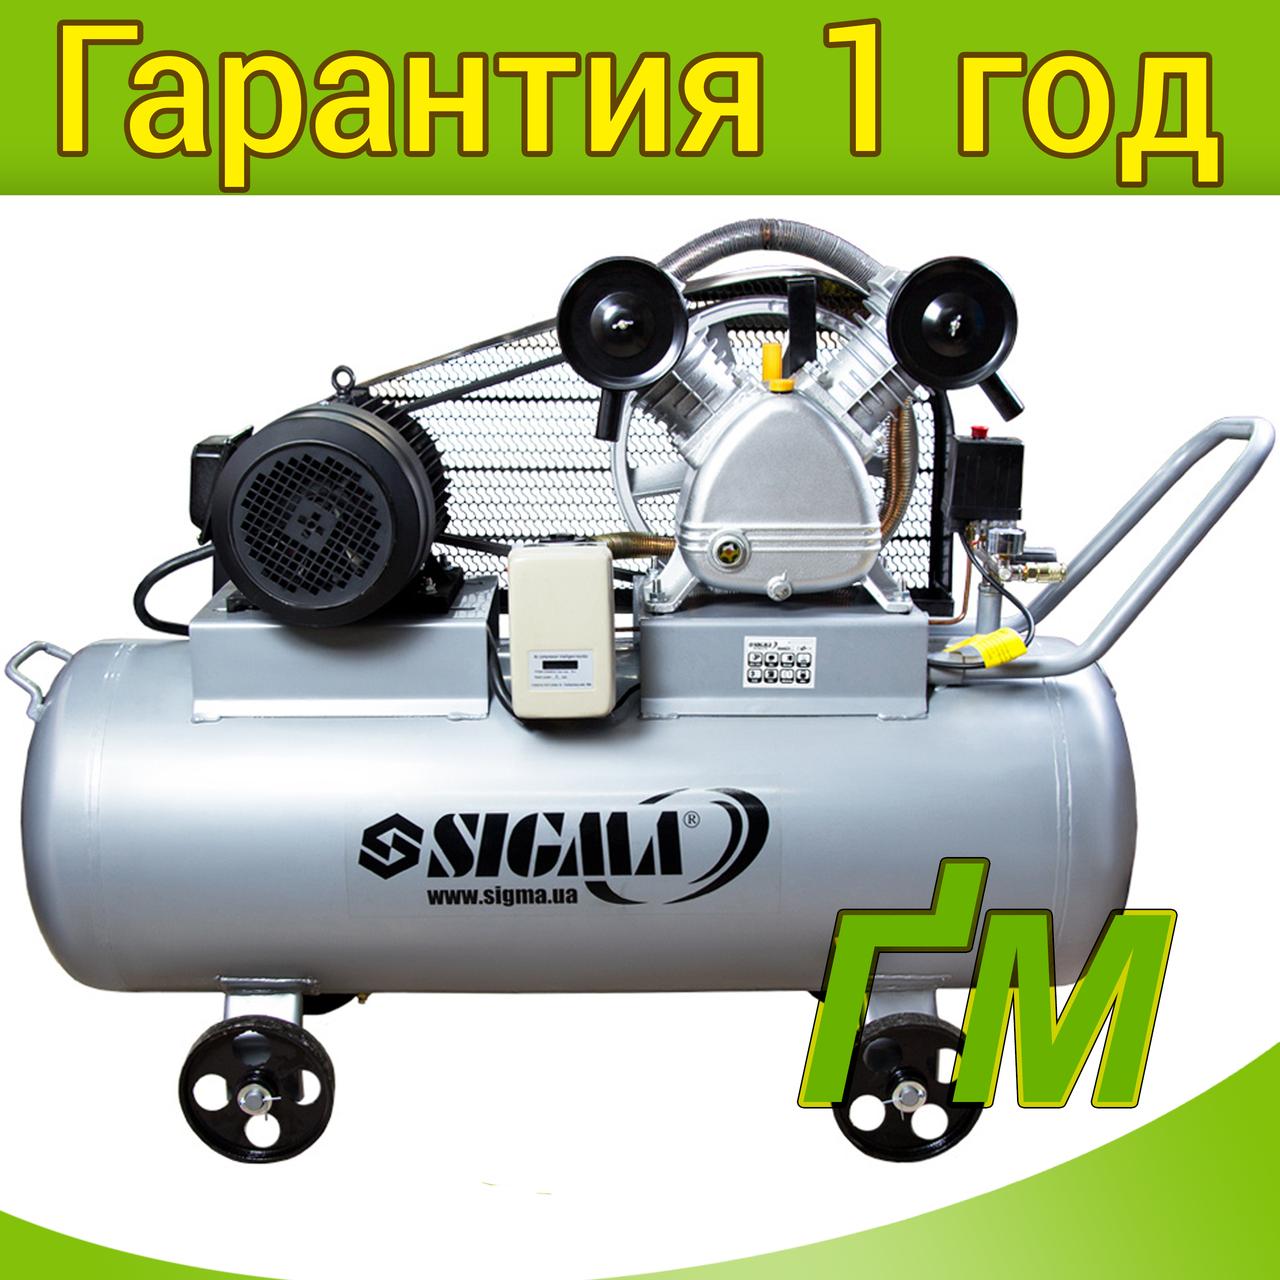 Компрессор ременной двухцилиндровый 4 кВт, 700 л/мин, 10 бар, 150 л SIGMA